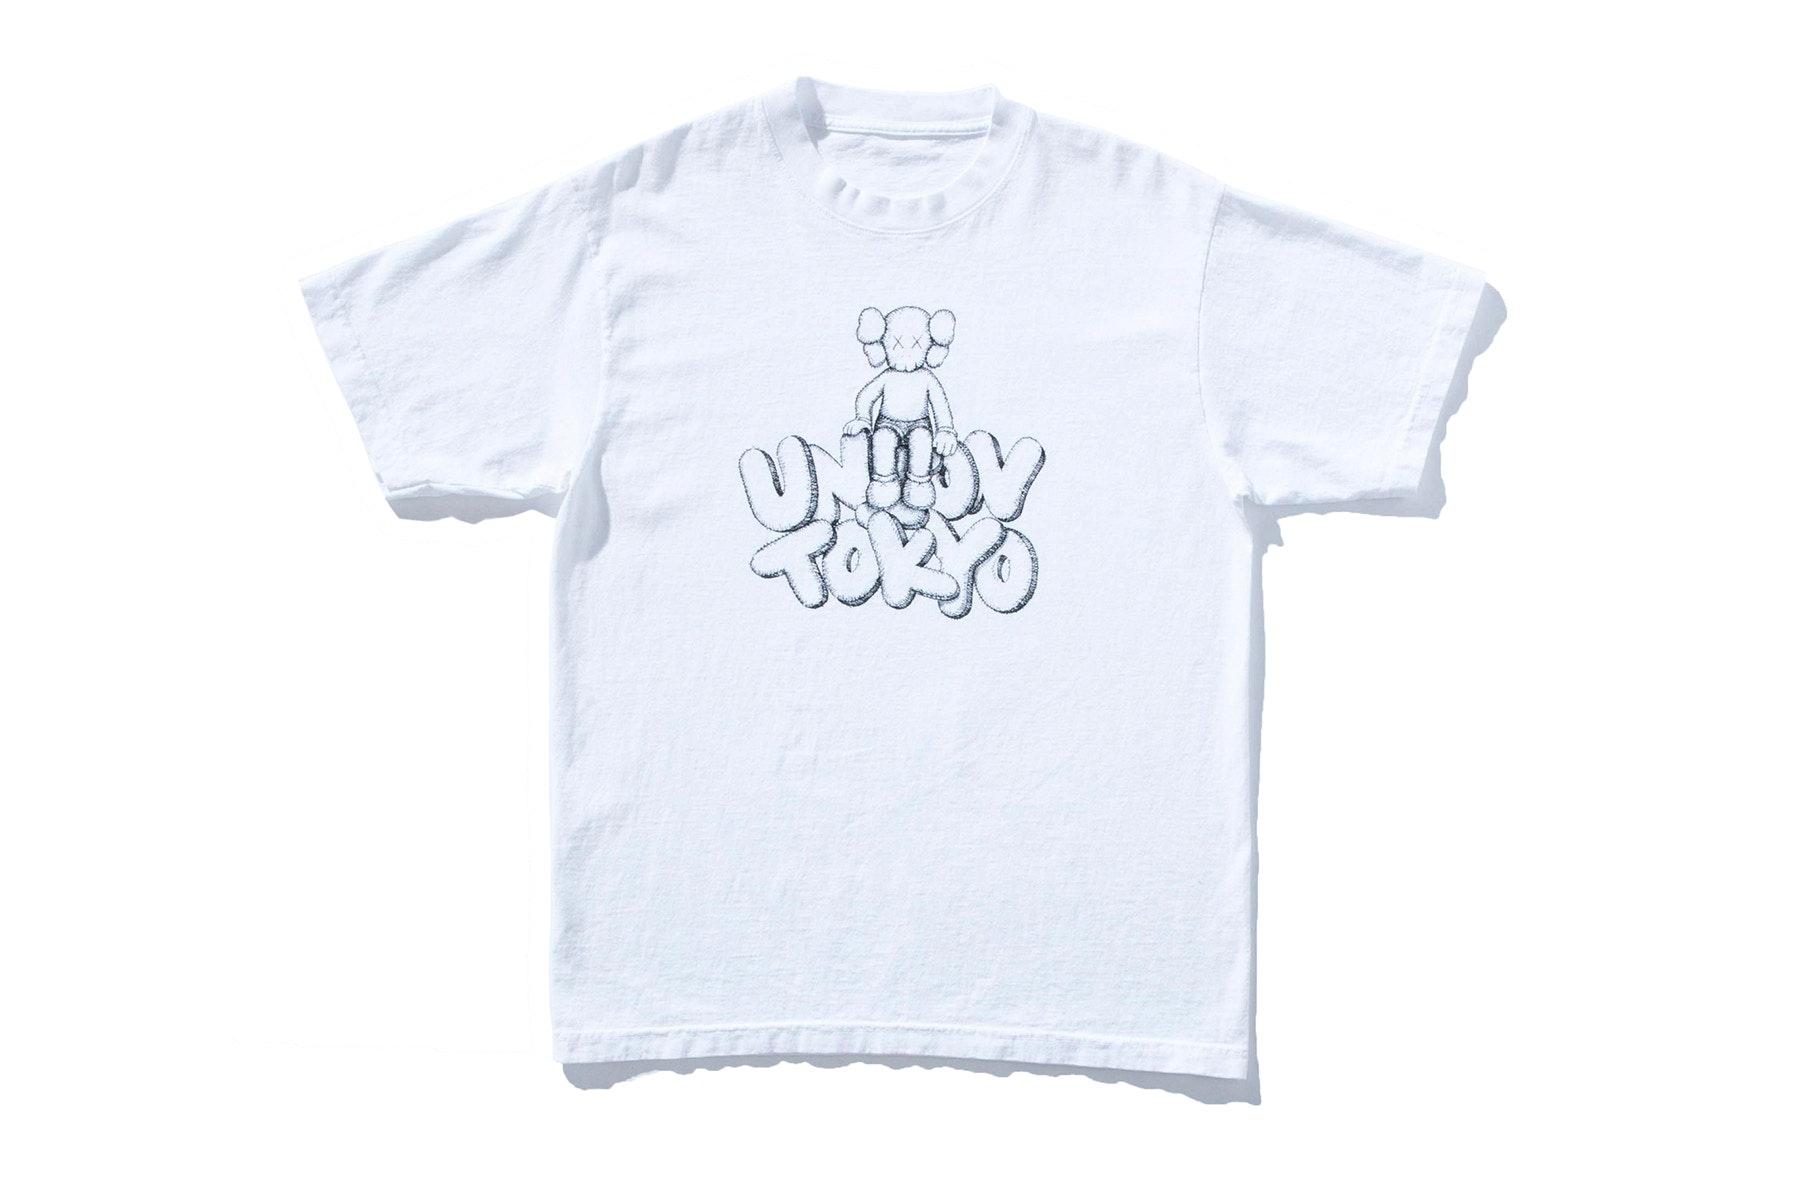 Kaws x Union Tokyo Tee White